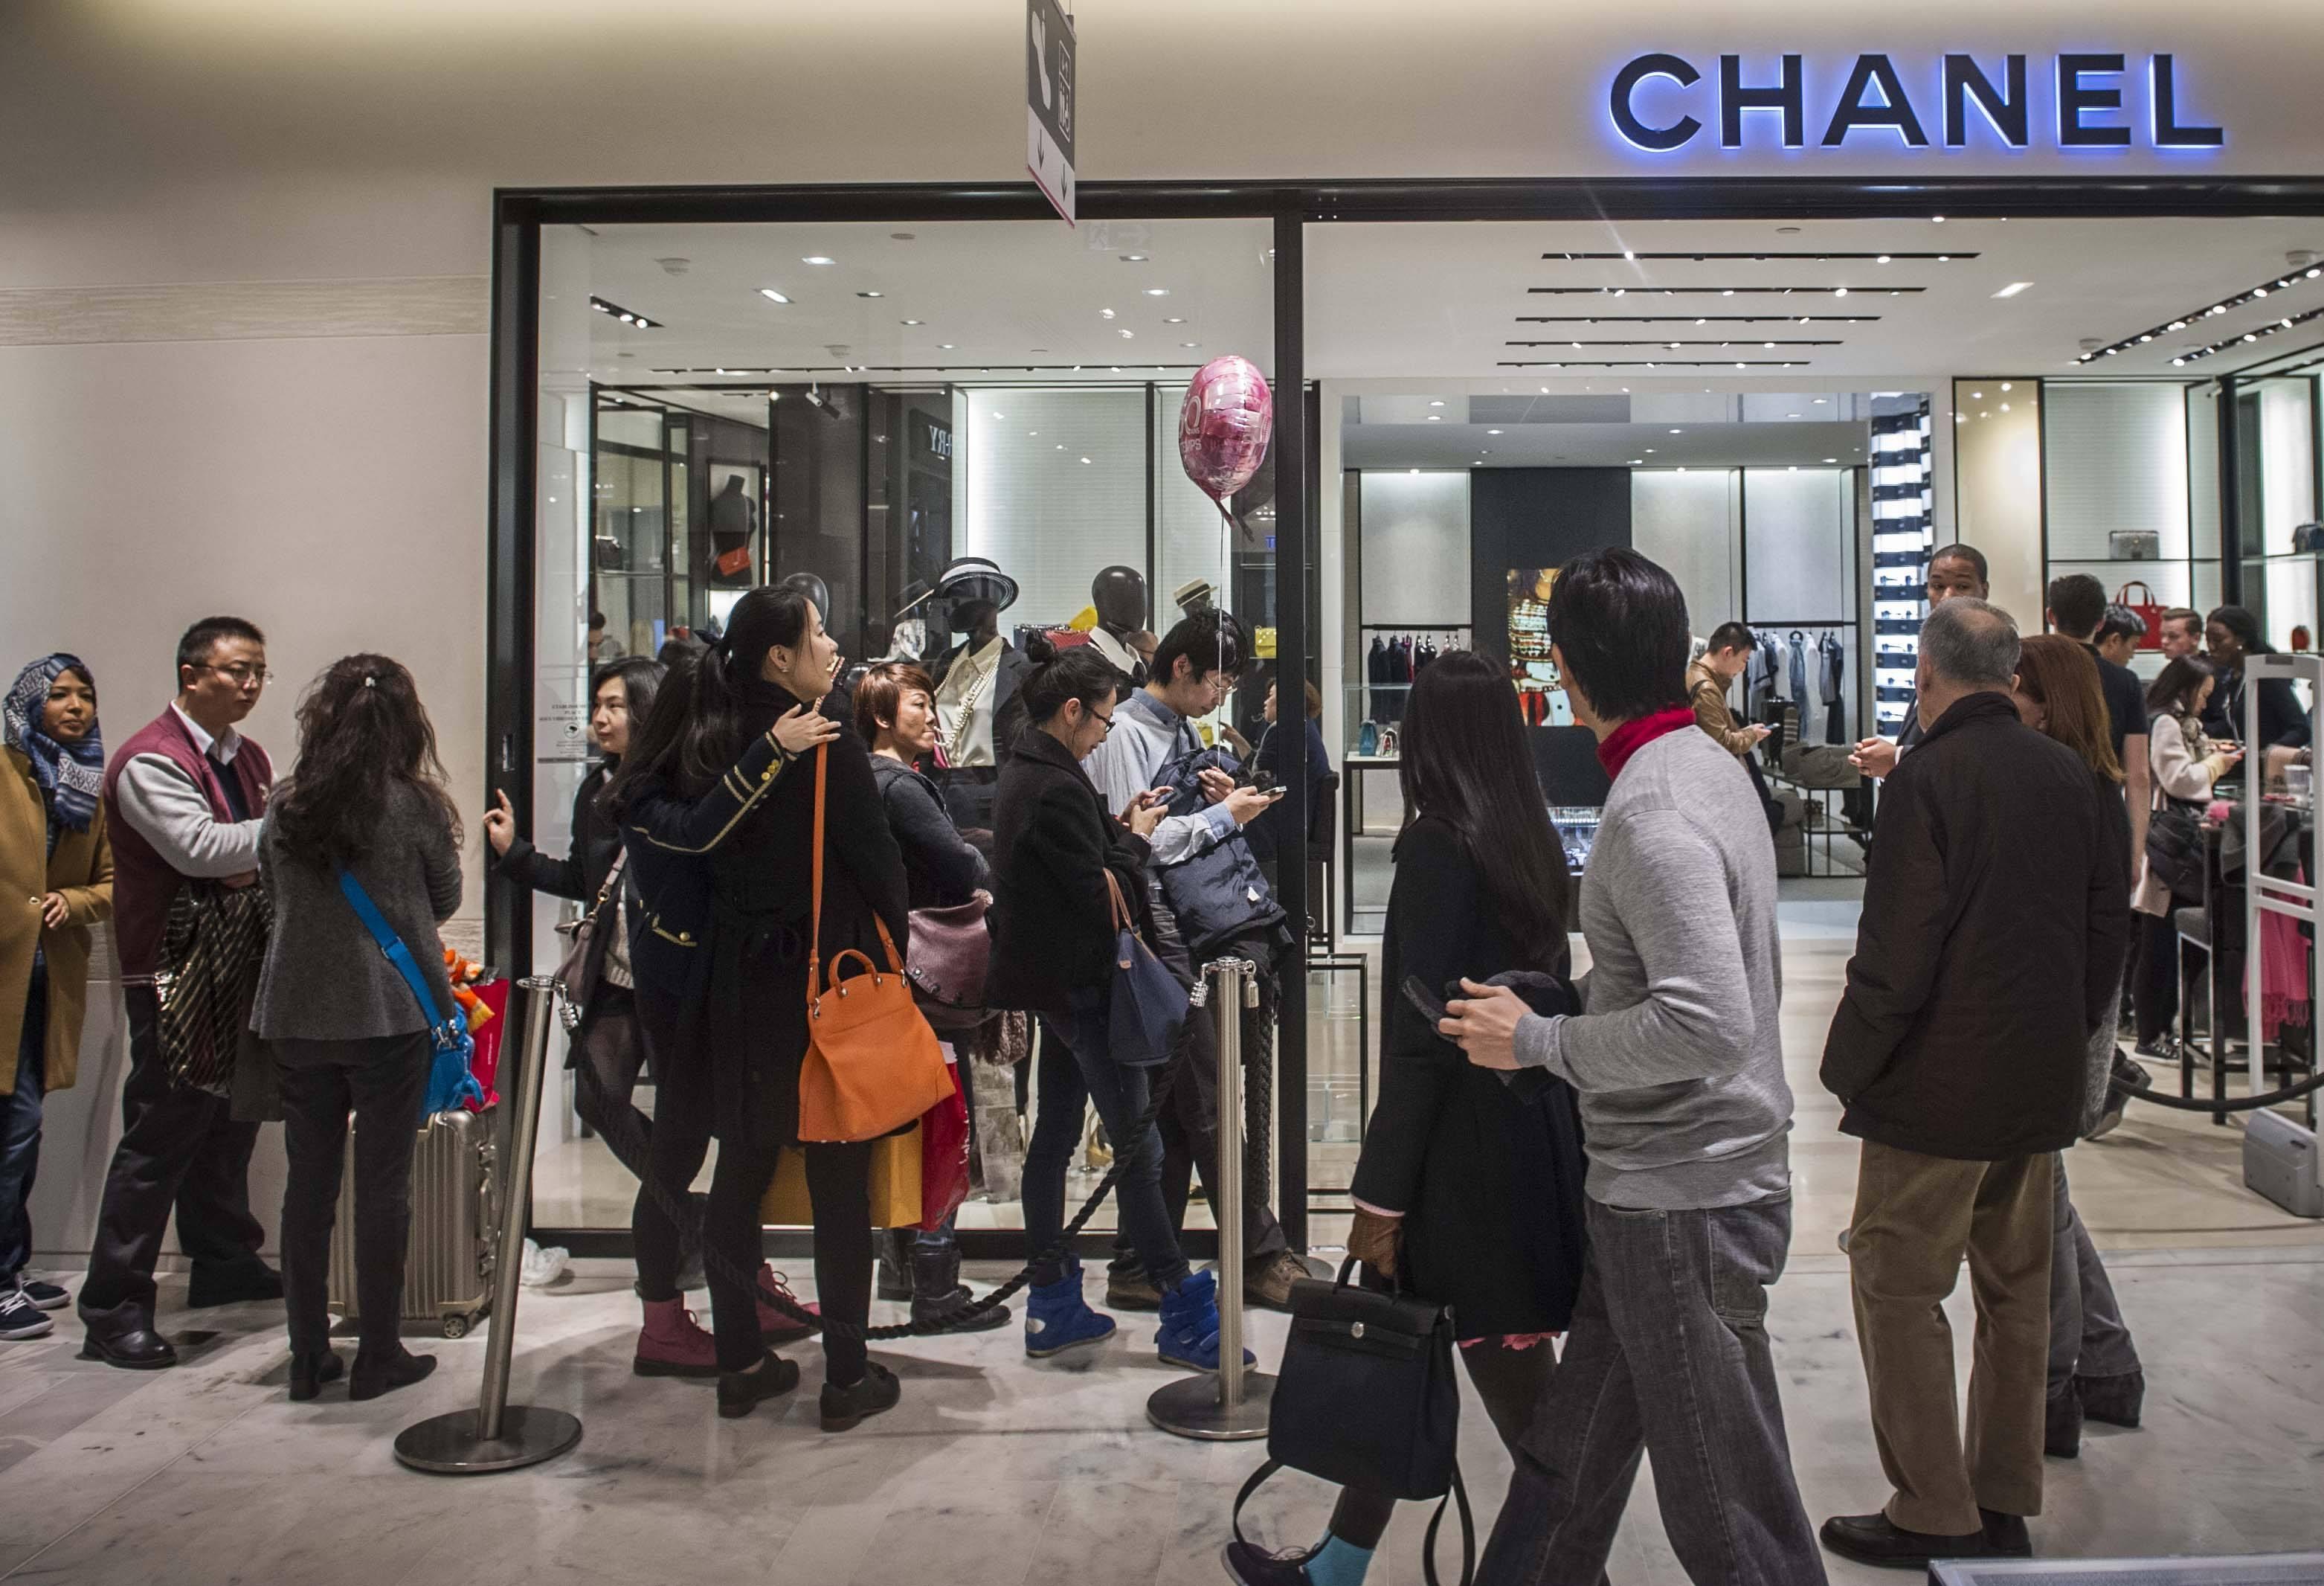 深度|对代购开始严厉打击后,奢侈品牌将有什么样的致命影响?